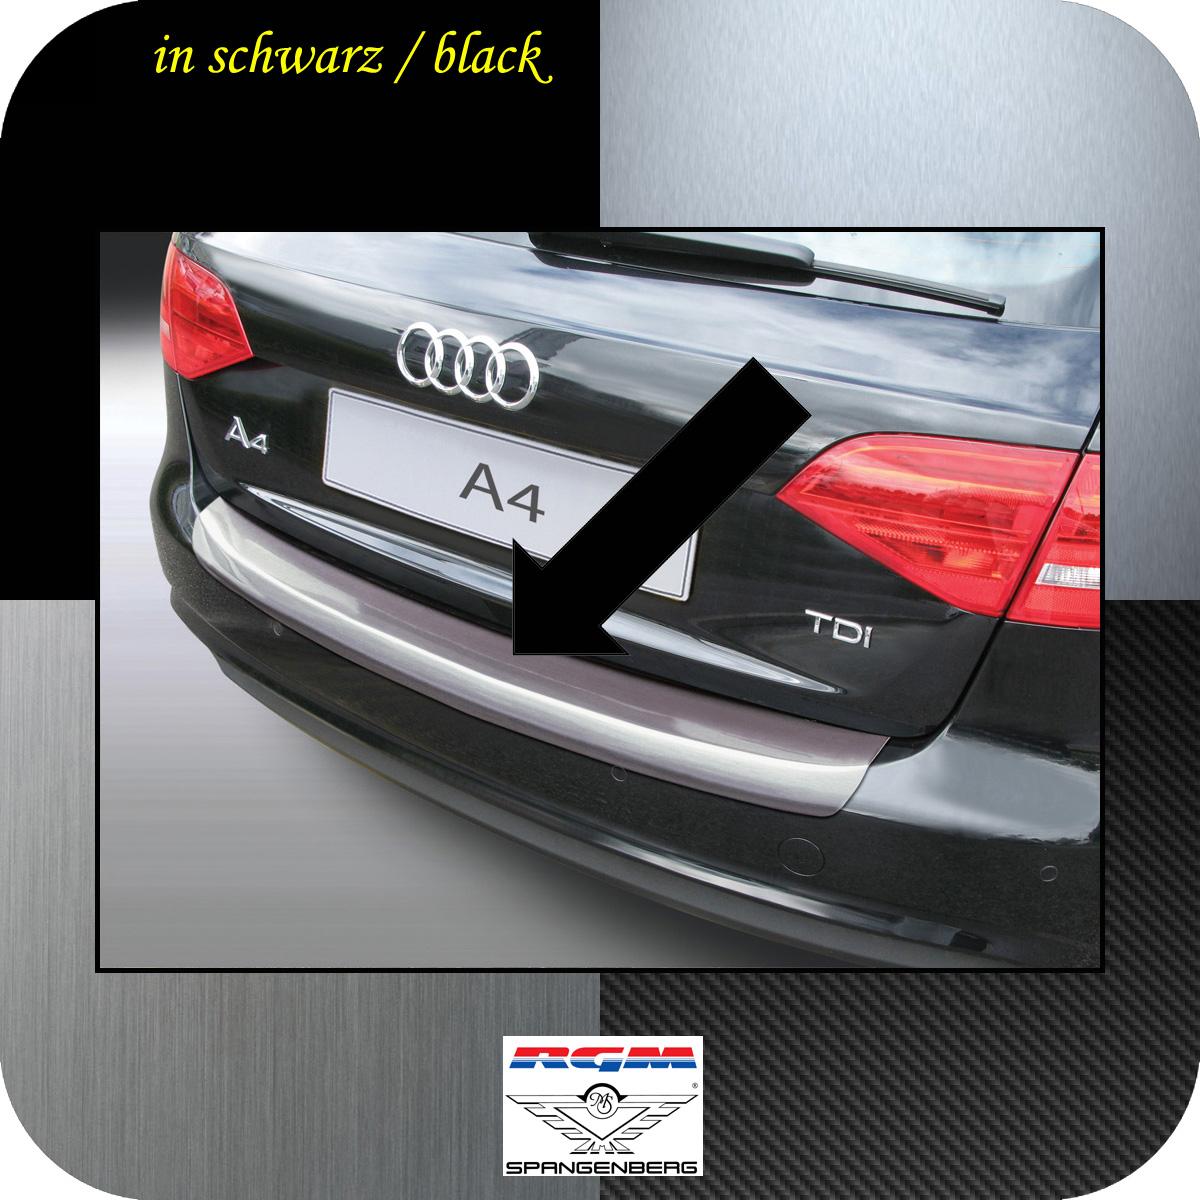 Ladekantenschutz schwarz Audi A4 B8 Avant Mopf 2011-2015 auch S-Line 3500566